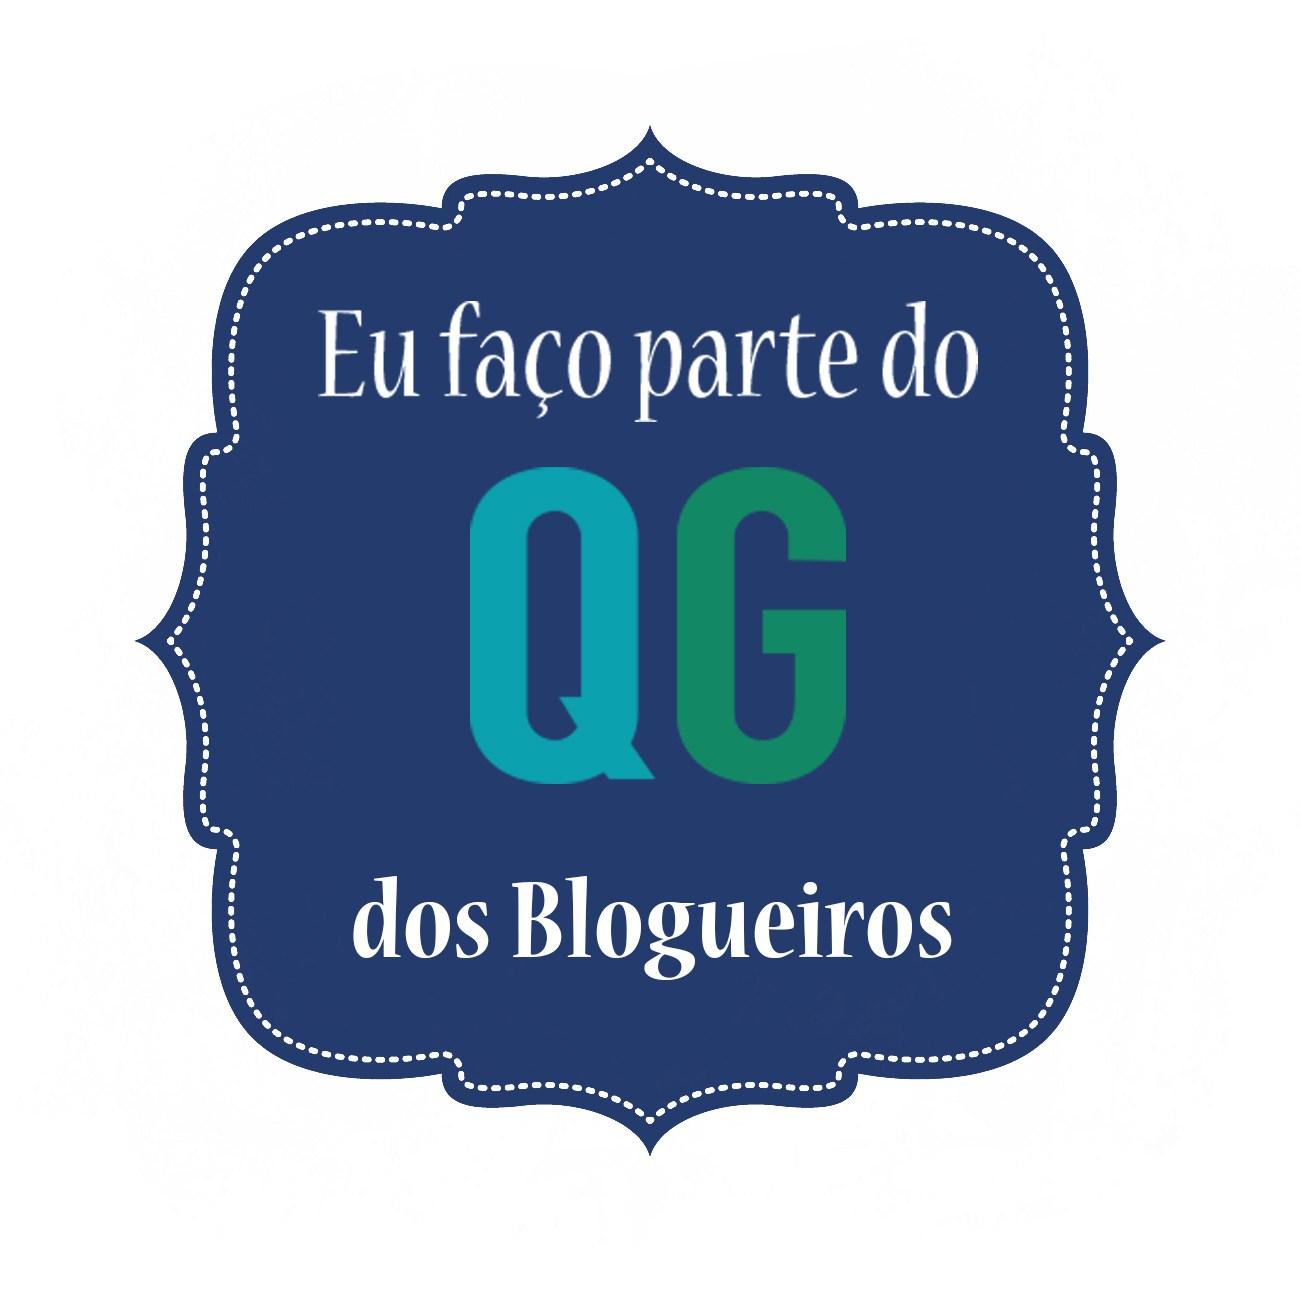 QG dos Blogueiros